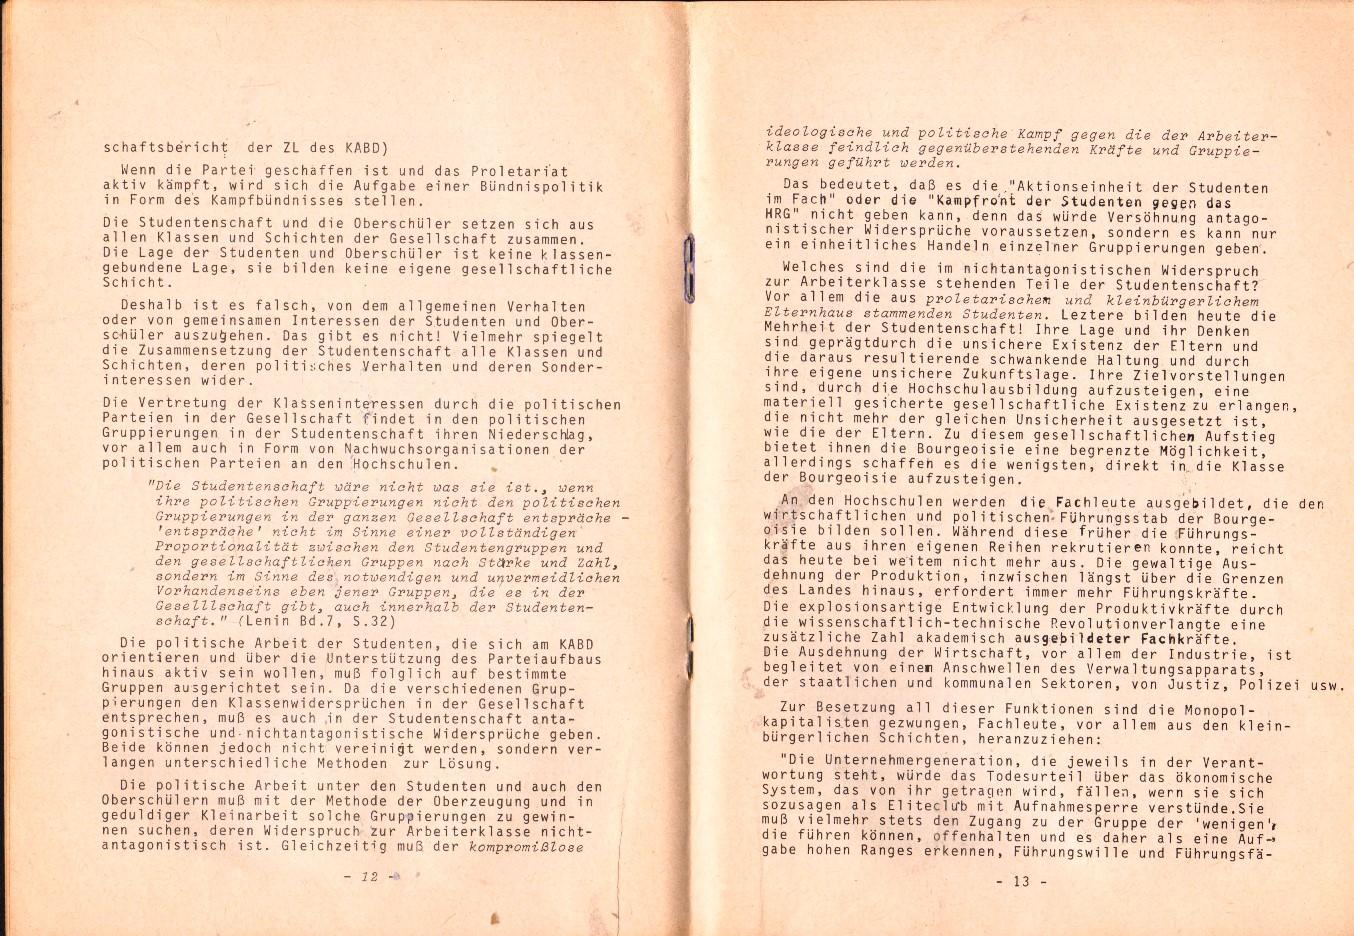 KABD_1976_Parteiaufbau_und_Intellektuellenfrage_10